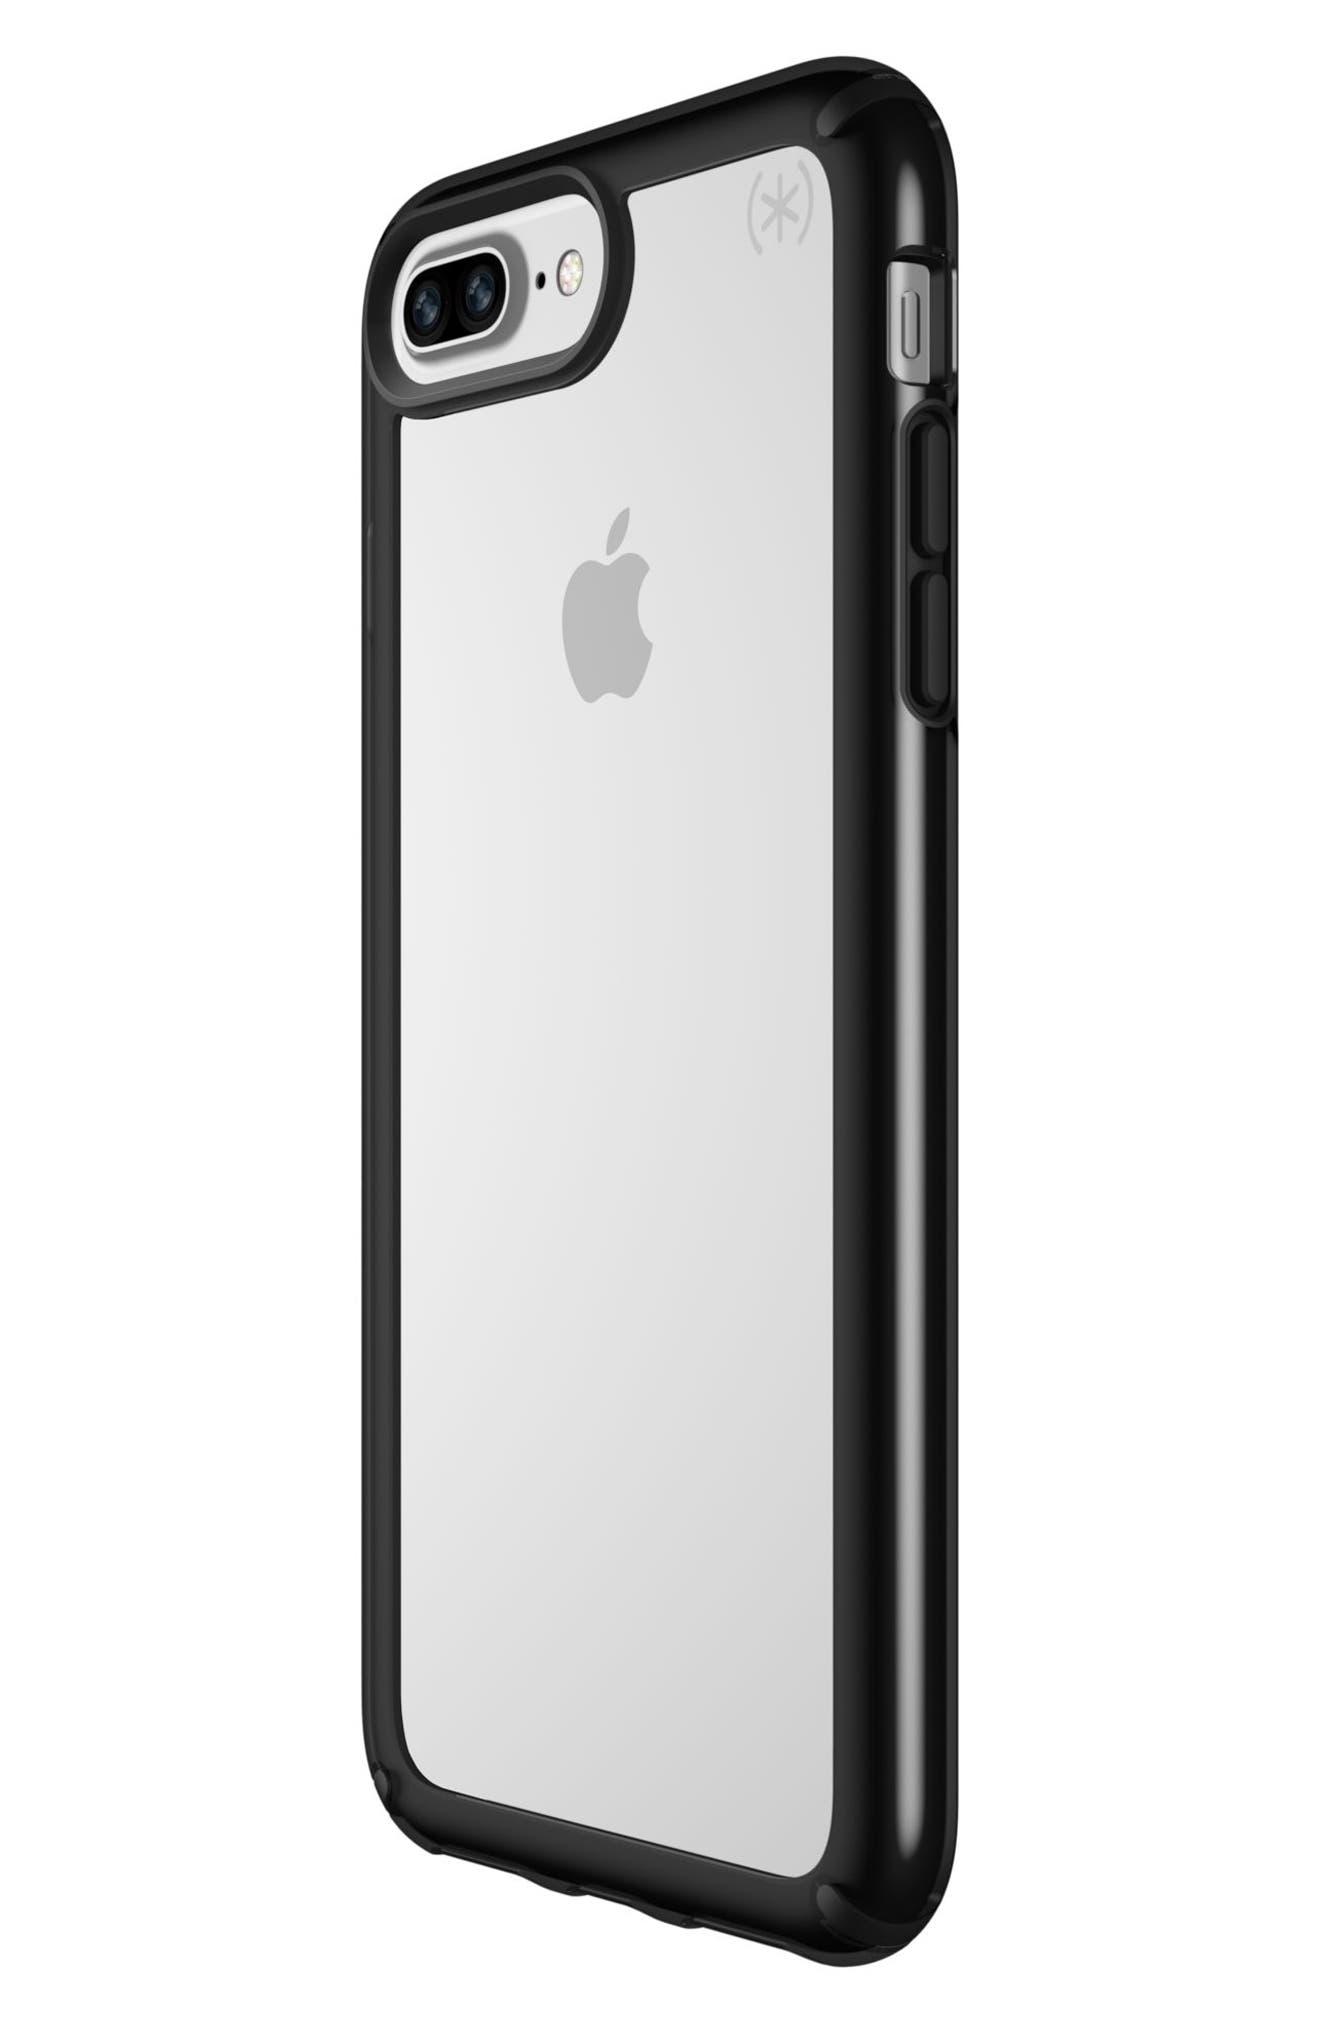 iPhone 6/6s/7/8 Plus Case,                             Alternate thumbnail 2, color,                             Clear/ Black